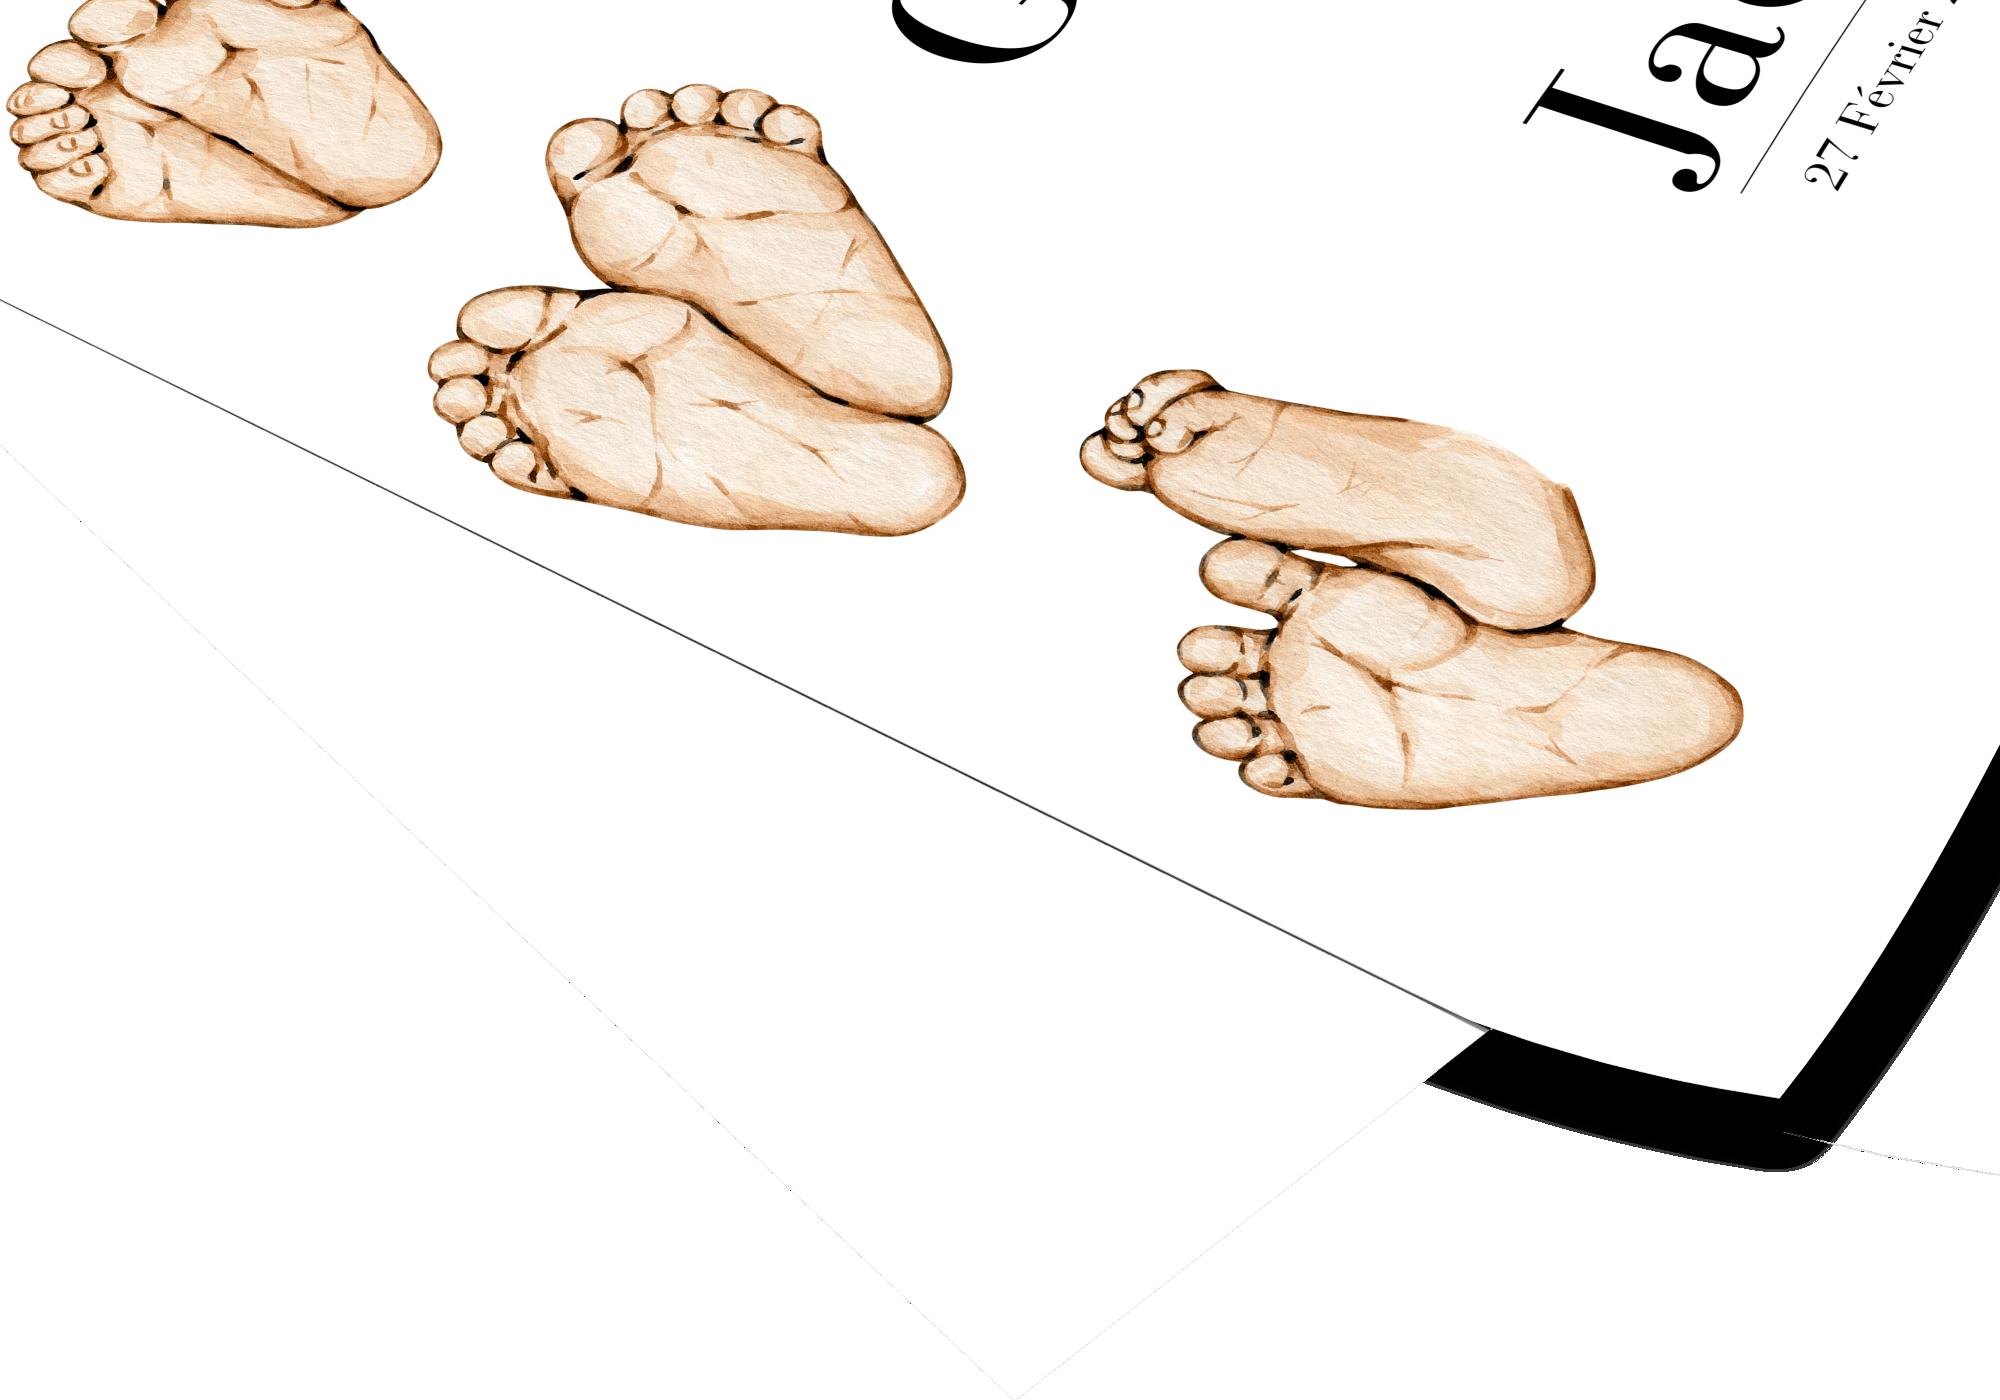 Poster représentant la naissance de 3 enfants. Personnalisez-la  avec le prénom des enfants ainsi que leur date de naissance pour un super souvenir.